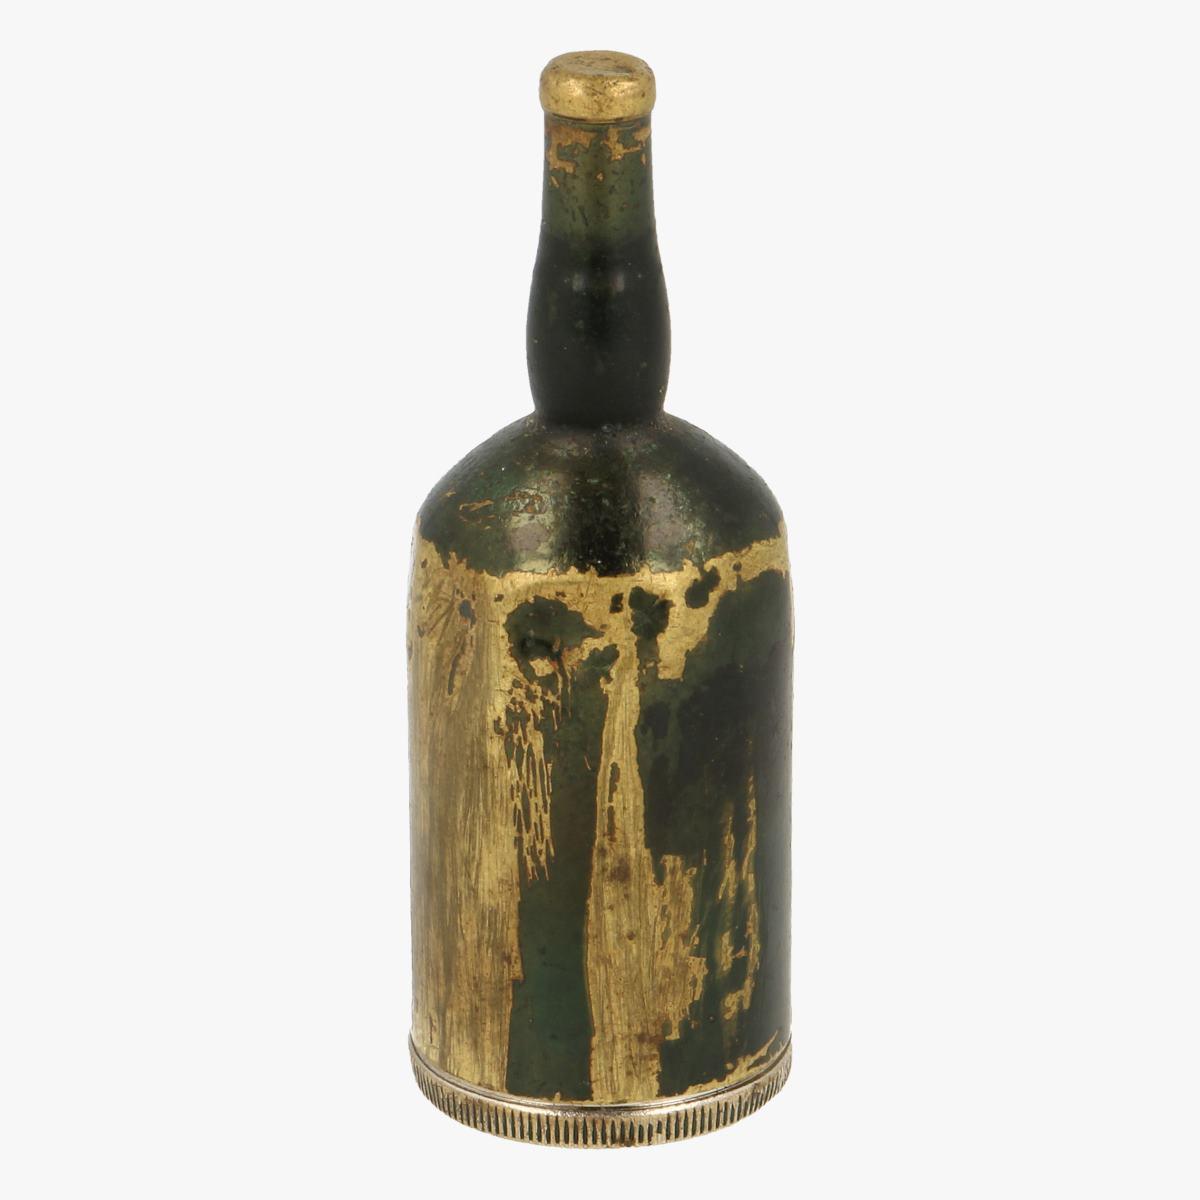 Afbeeldingen van oude aansteker flesje